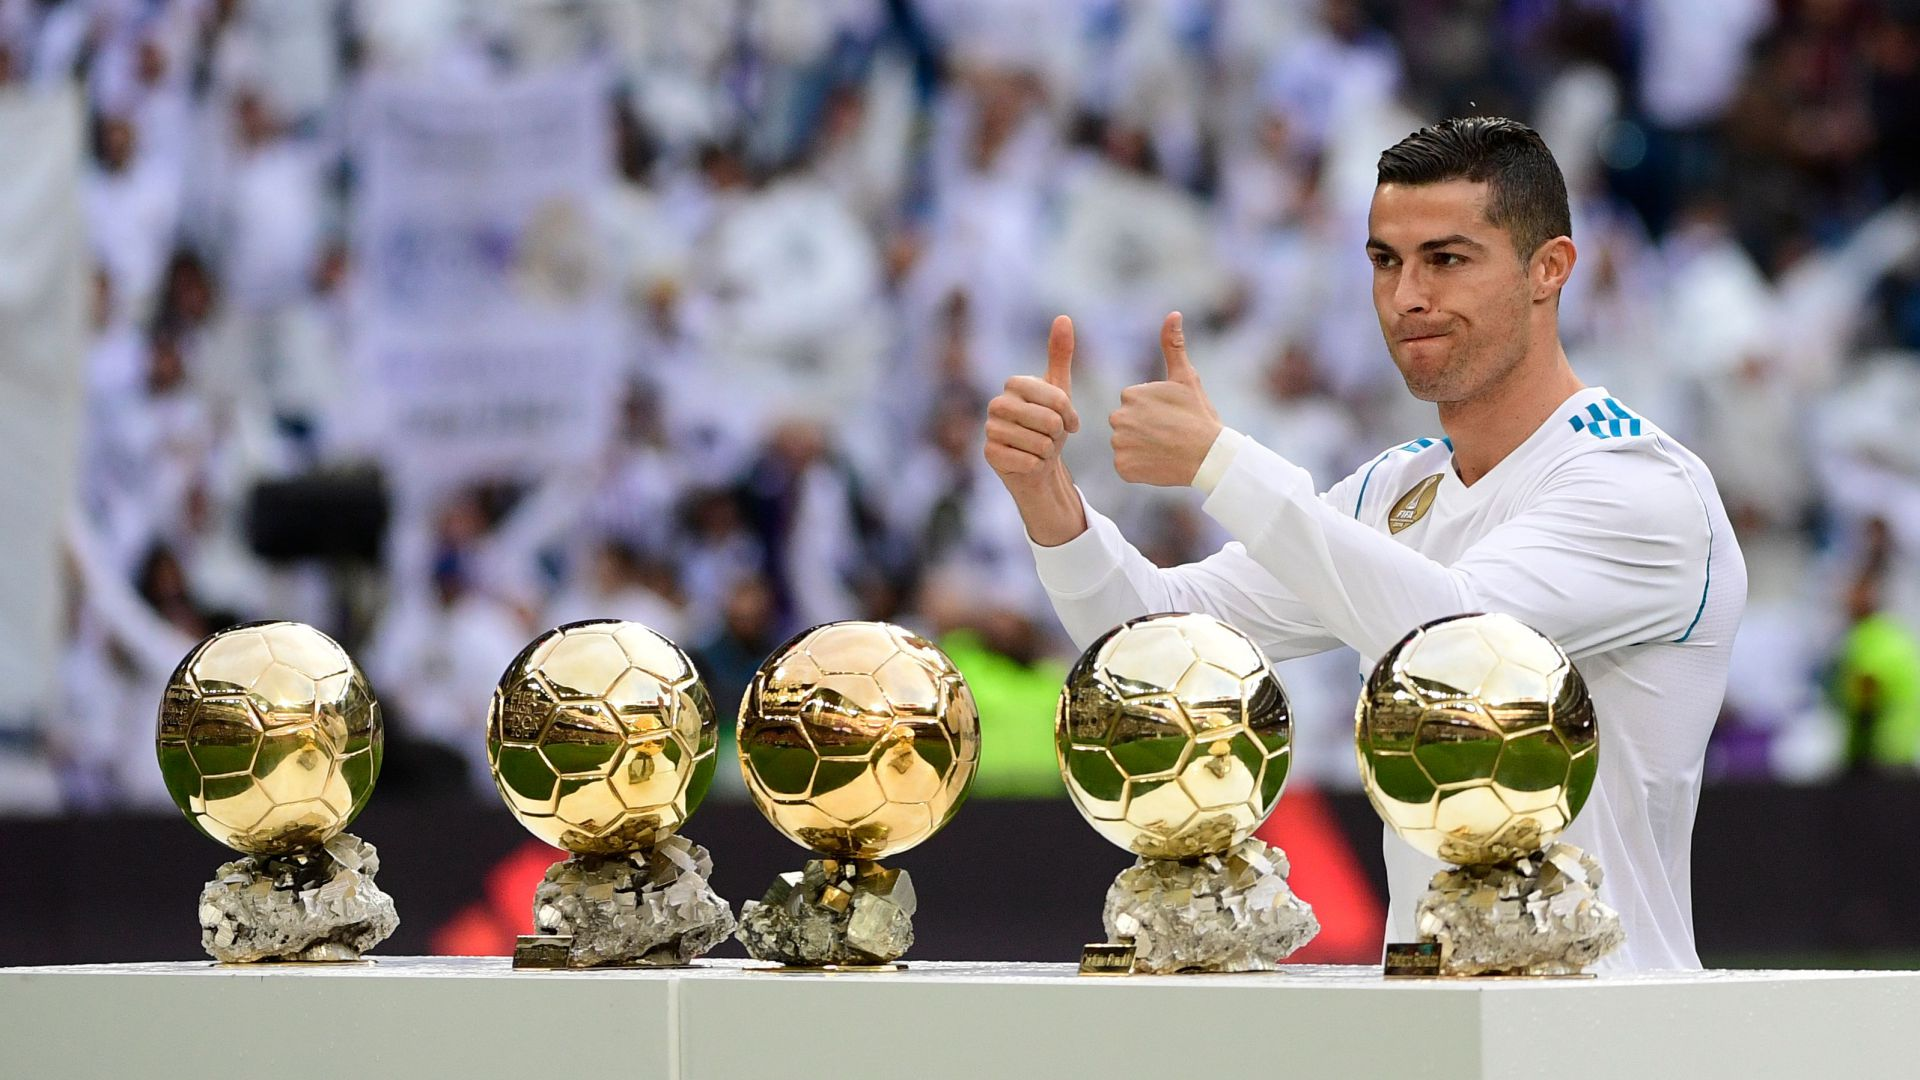 Cristiano Ronaldo Golden Ball